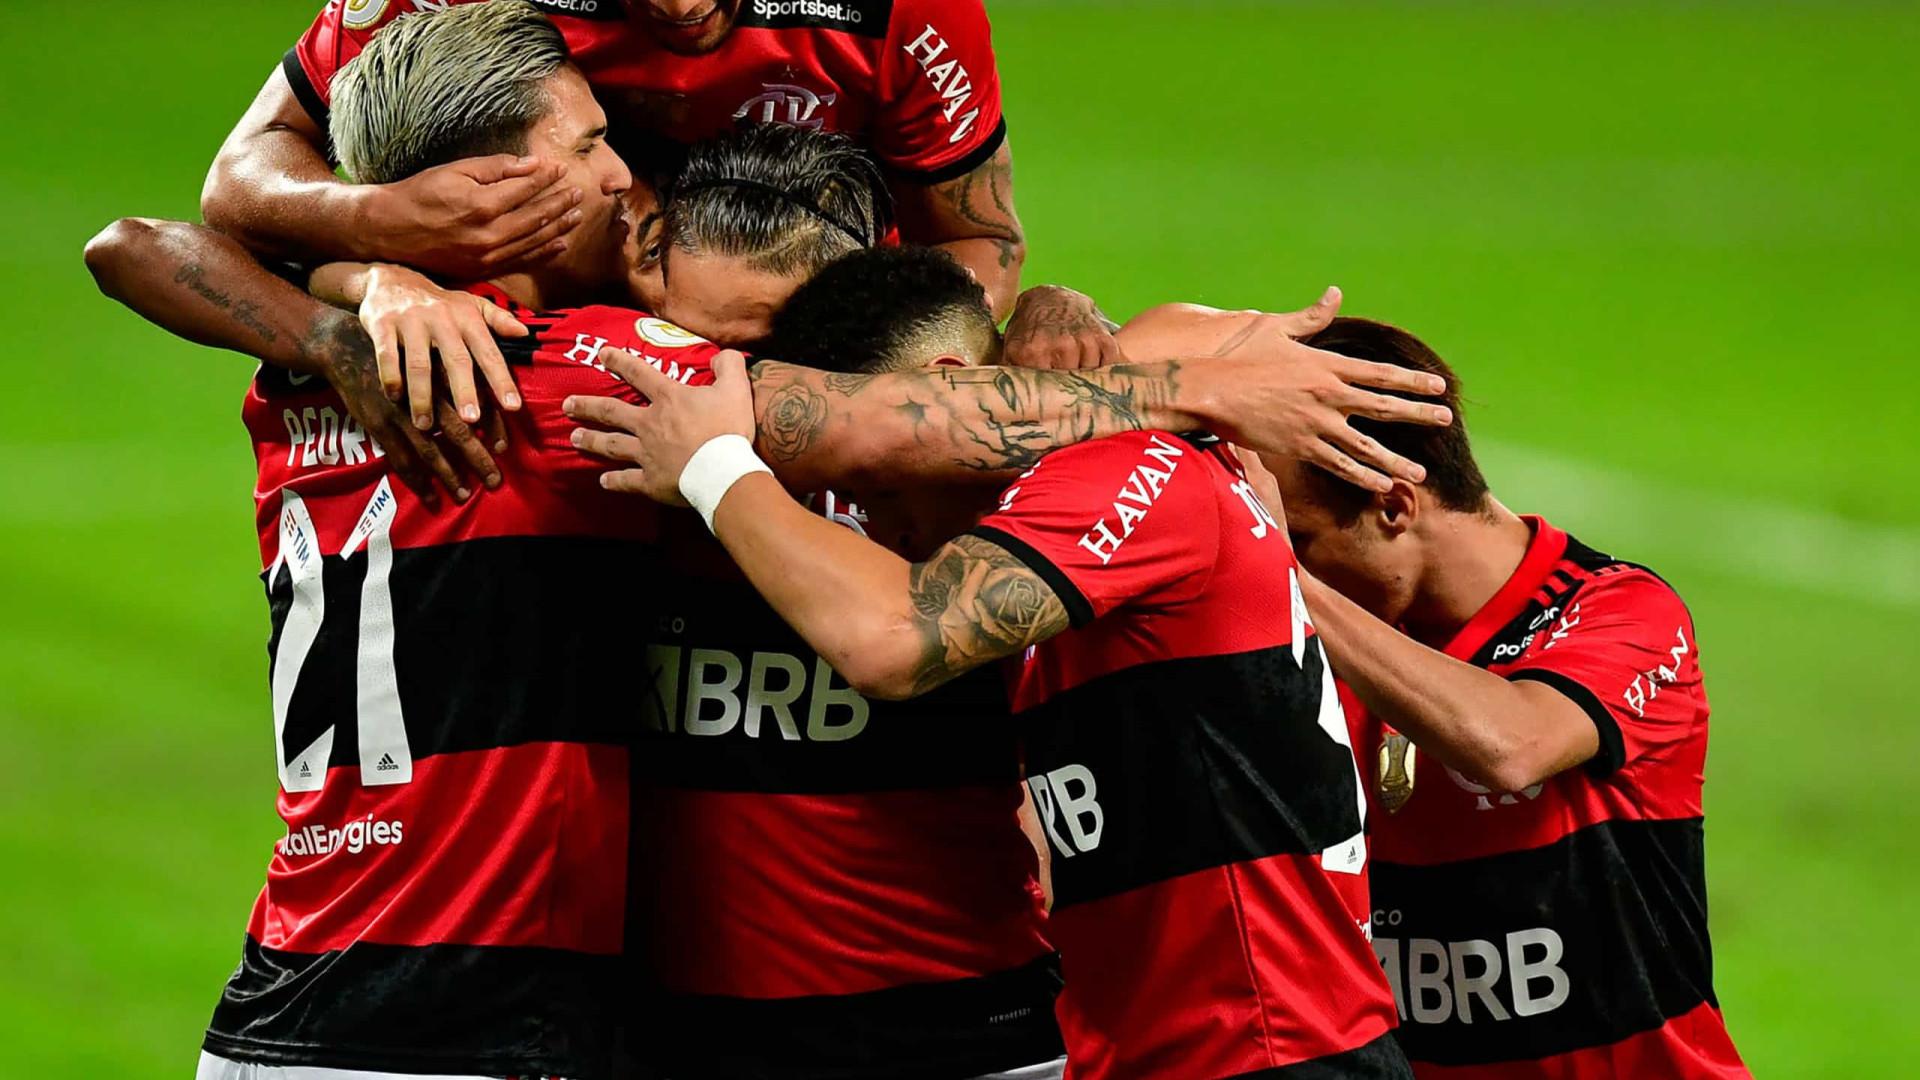 Libertadores: Flamengo decide vaga nas quartas com Defensa y Justicia